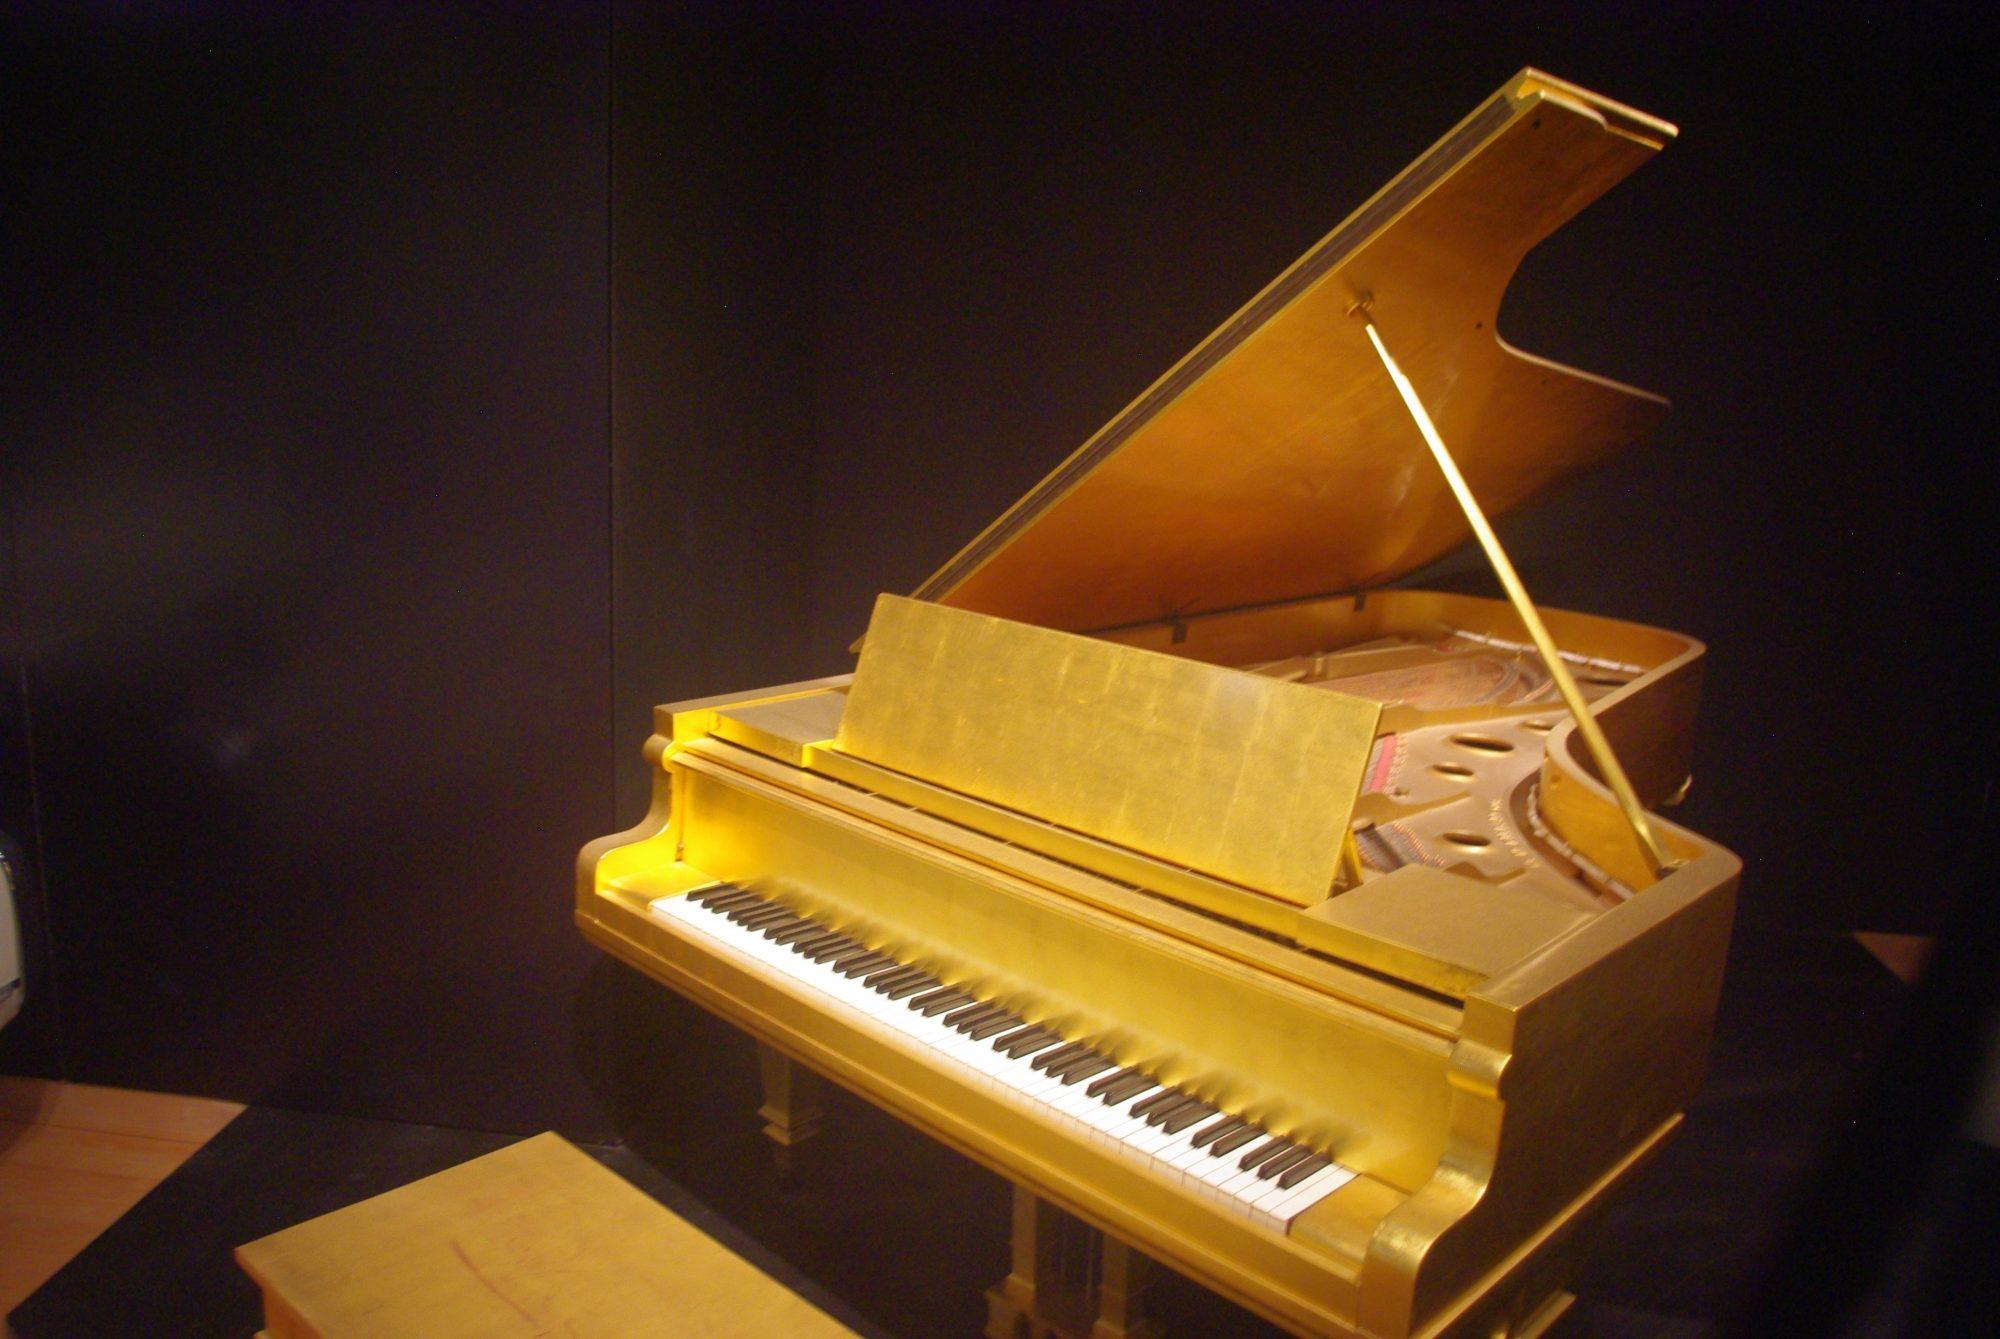 Et son piano en (feuilles d') or 24 carats offert par Priscilla pour leur 1er anniversaire de mariage